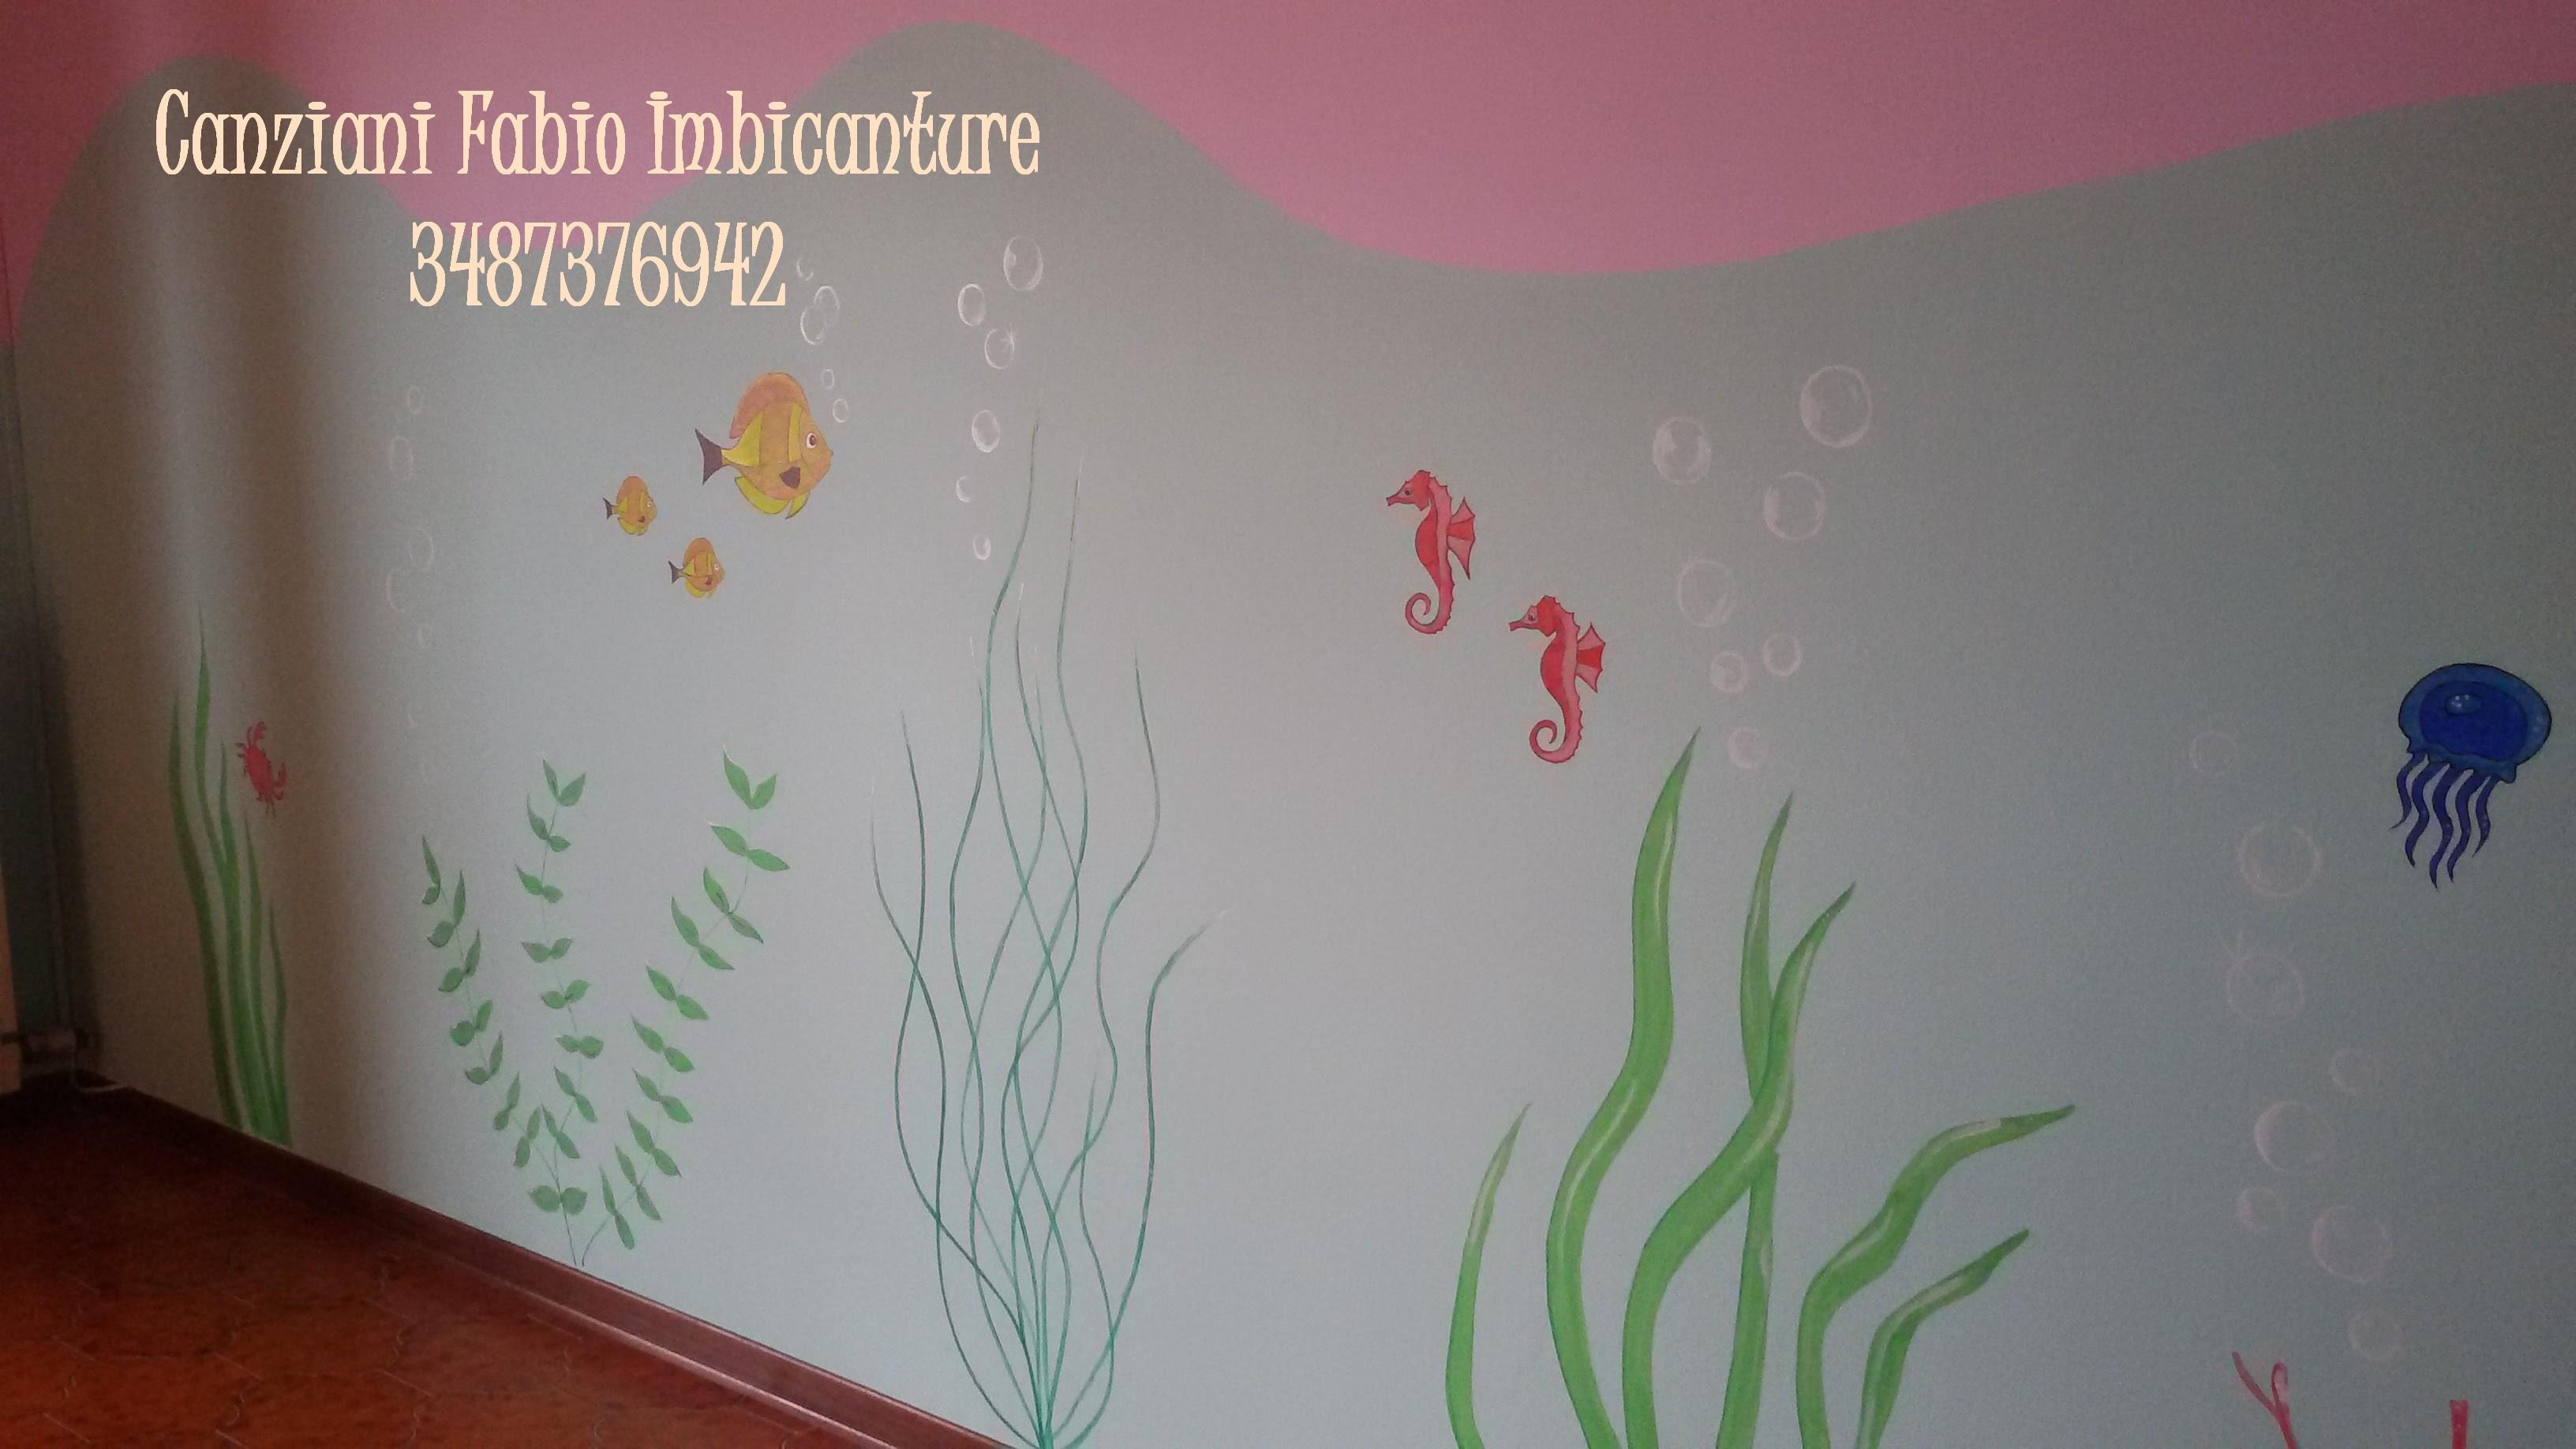 Stencils, finiture di pregio - Canziani Fabio Imbiancature